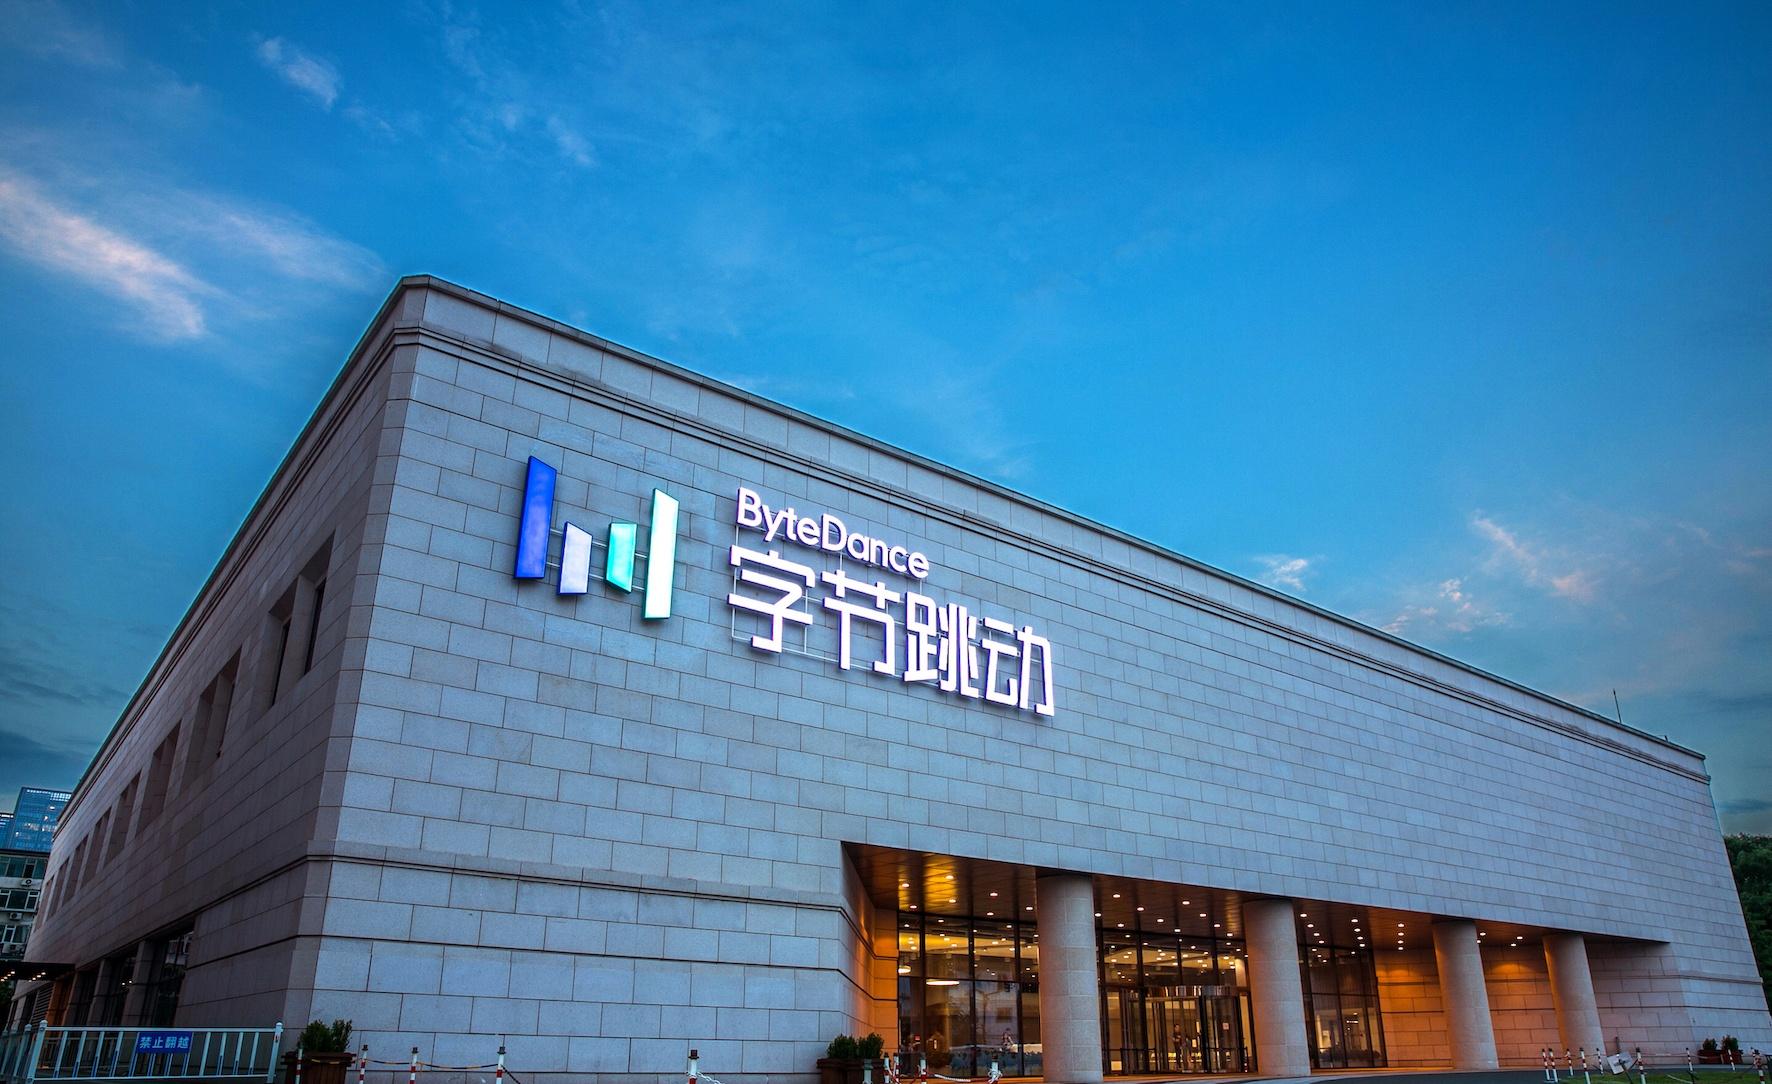 ByteDance to add 13,000 employees through a hiring spree for edtech unit Dali